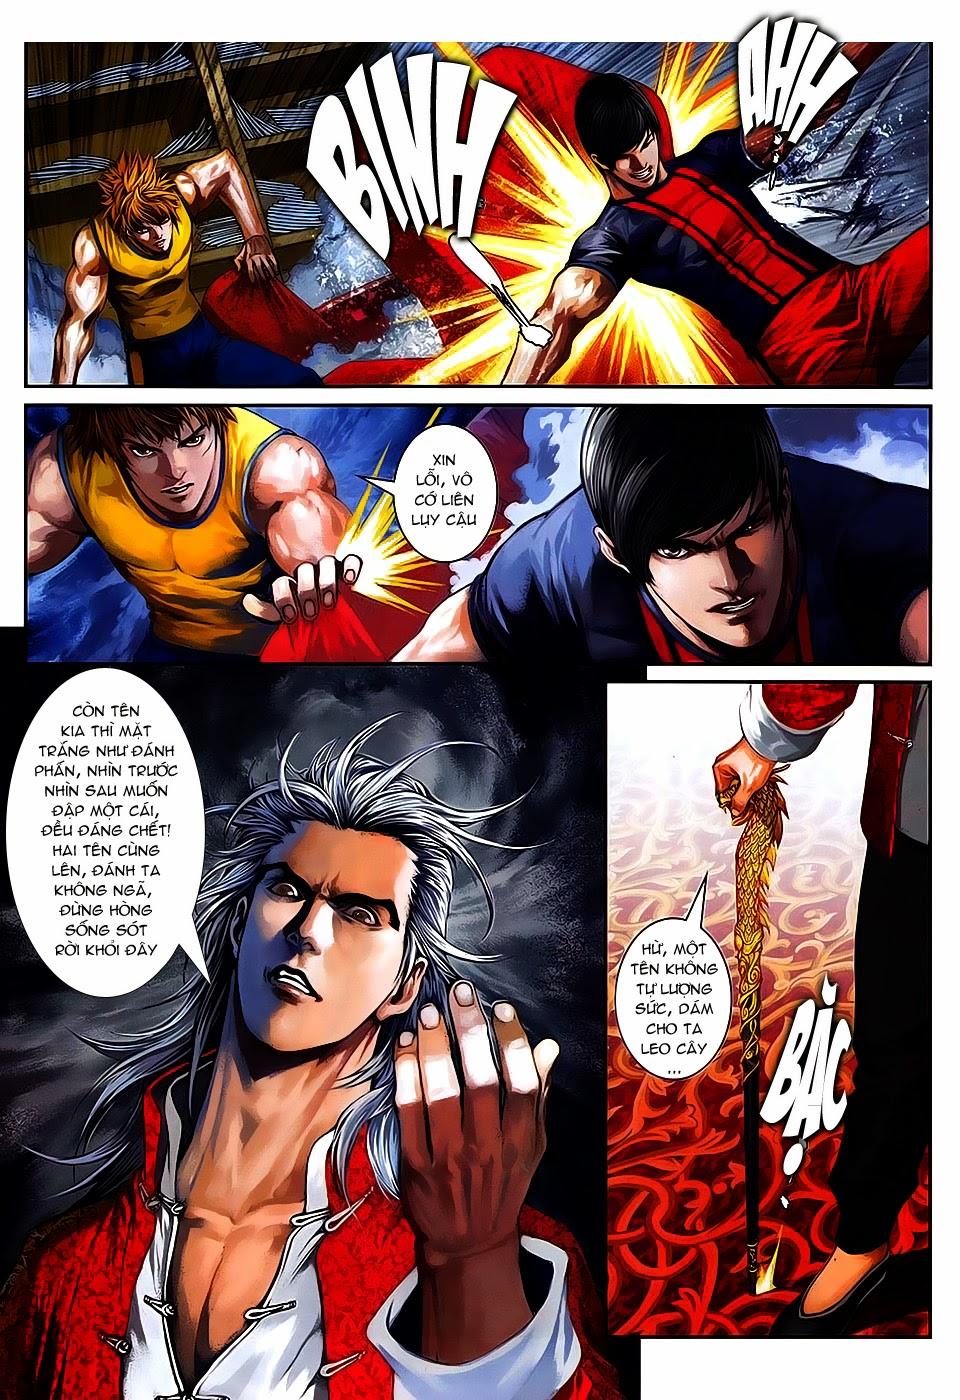 Quyền Đạo chapter 8 trang 19